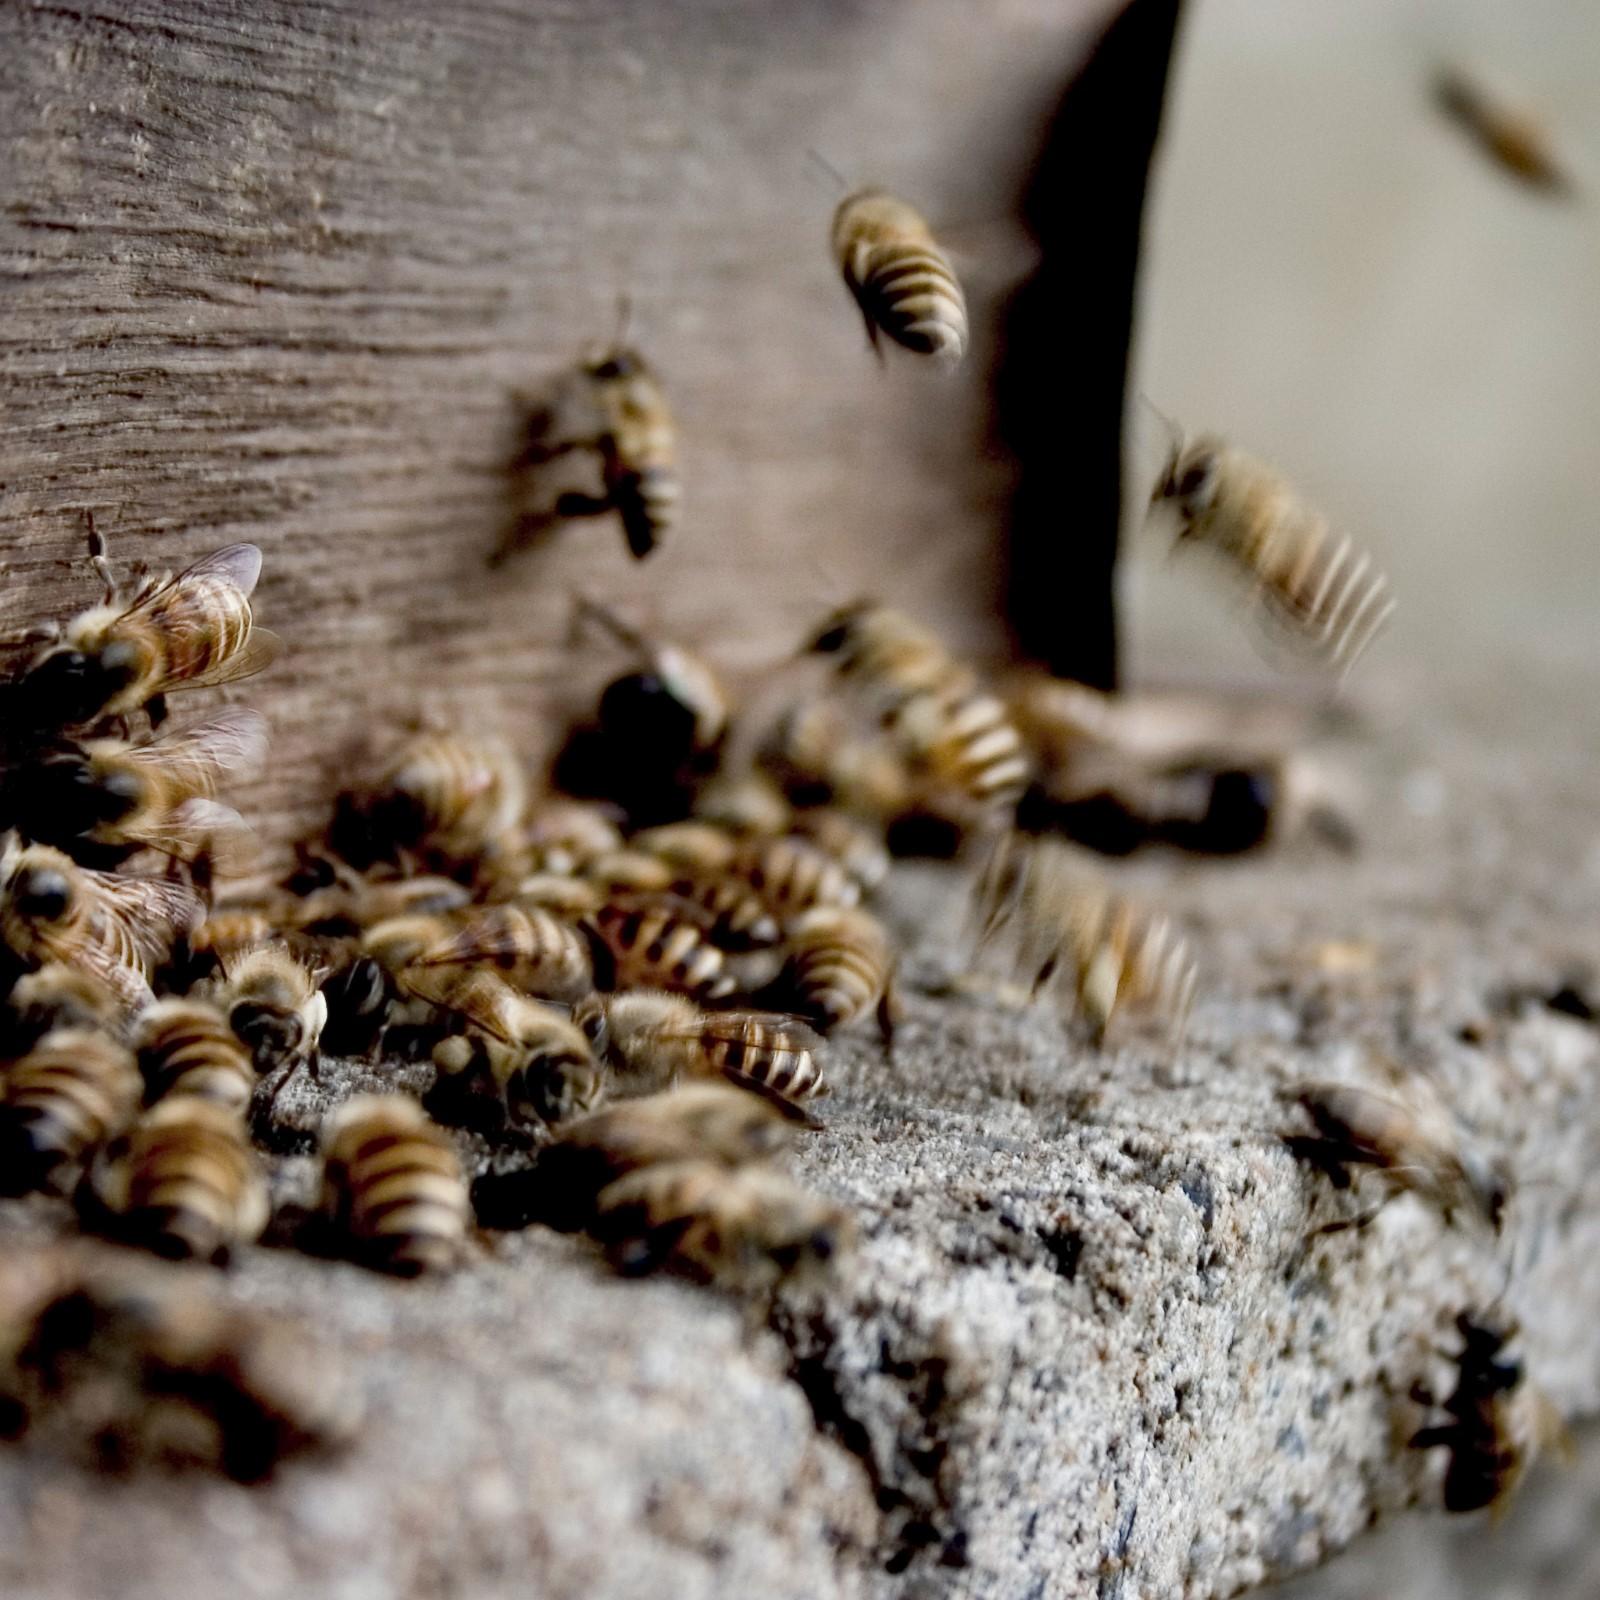 Bienen am Eingang zum Bienenstock